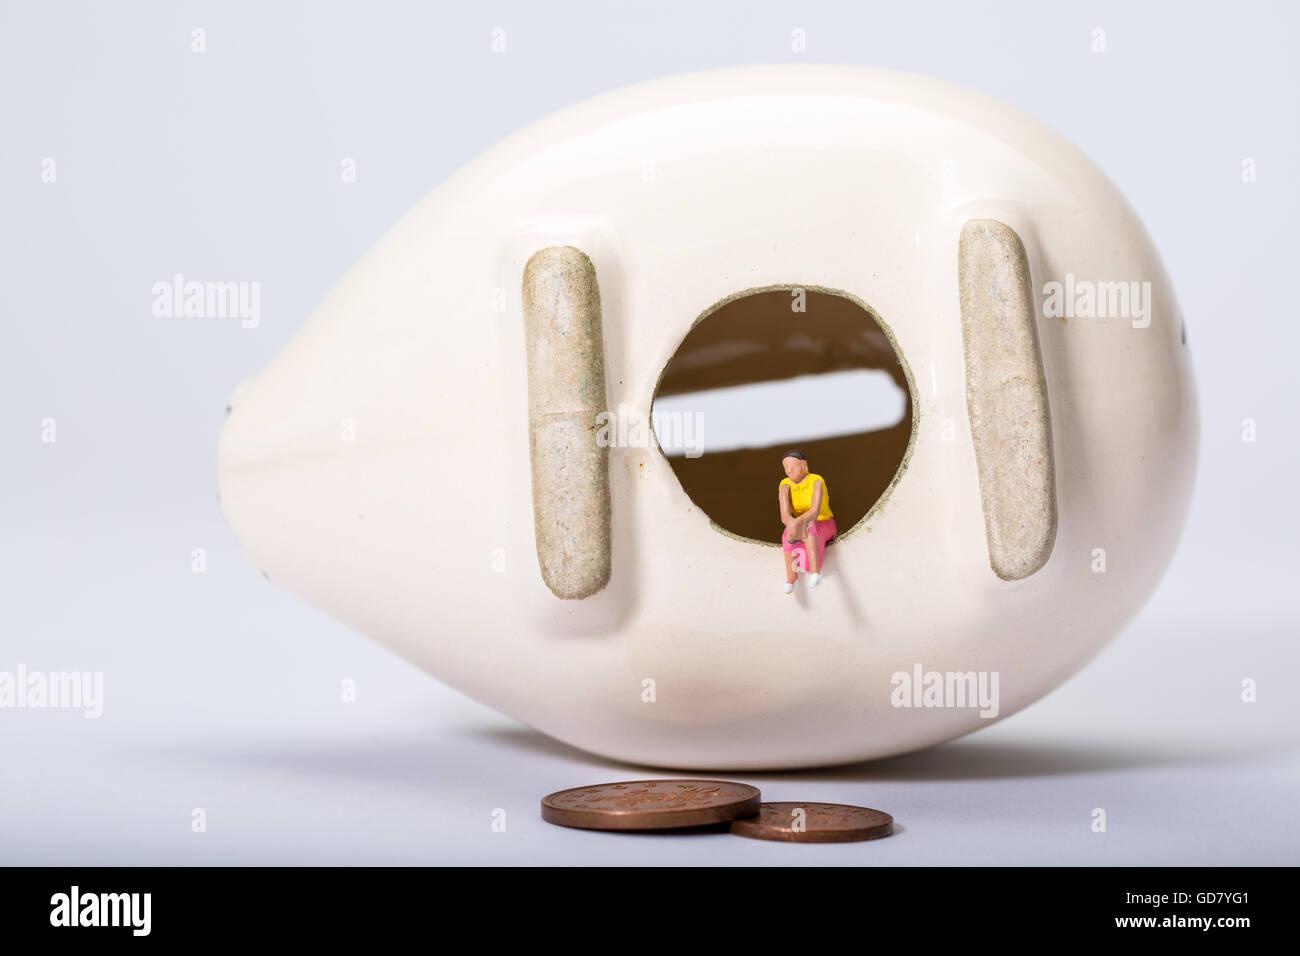 Konzept-Bild der eine einsame Gestalt mit einer leeren Sparschwein zu geringen Einsparungen und niedrige Zinsen Stockbild